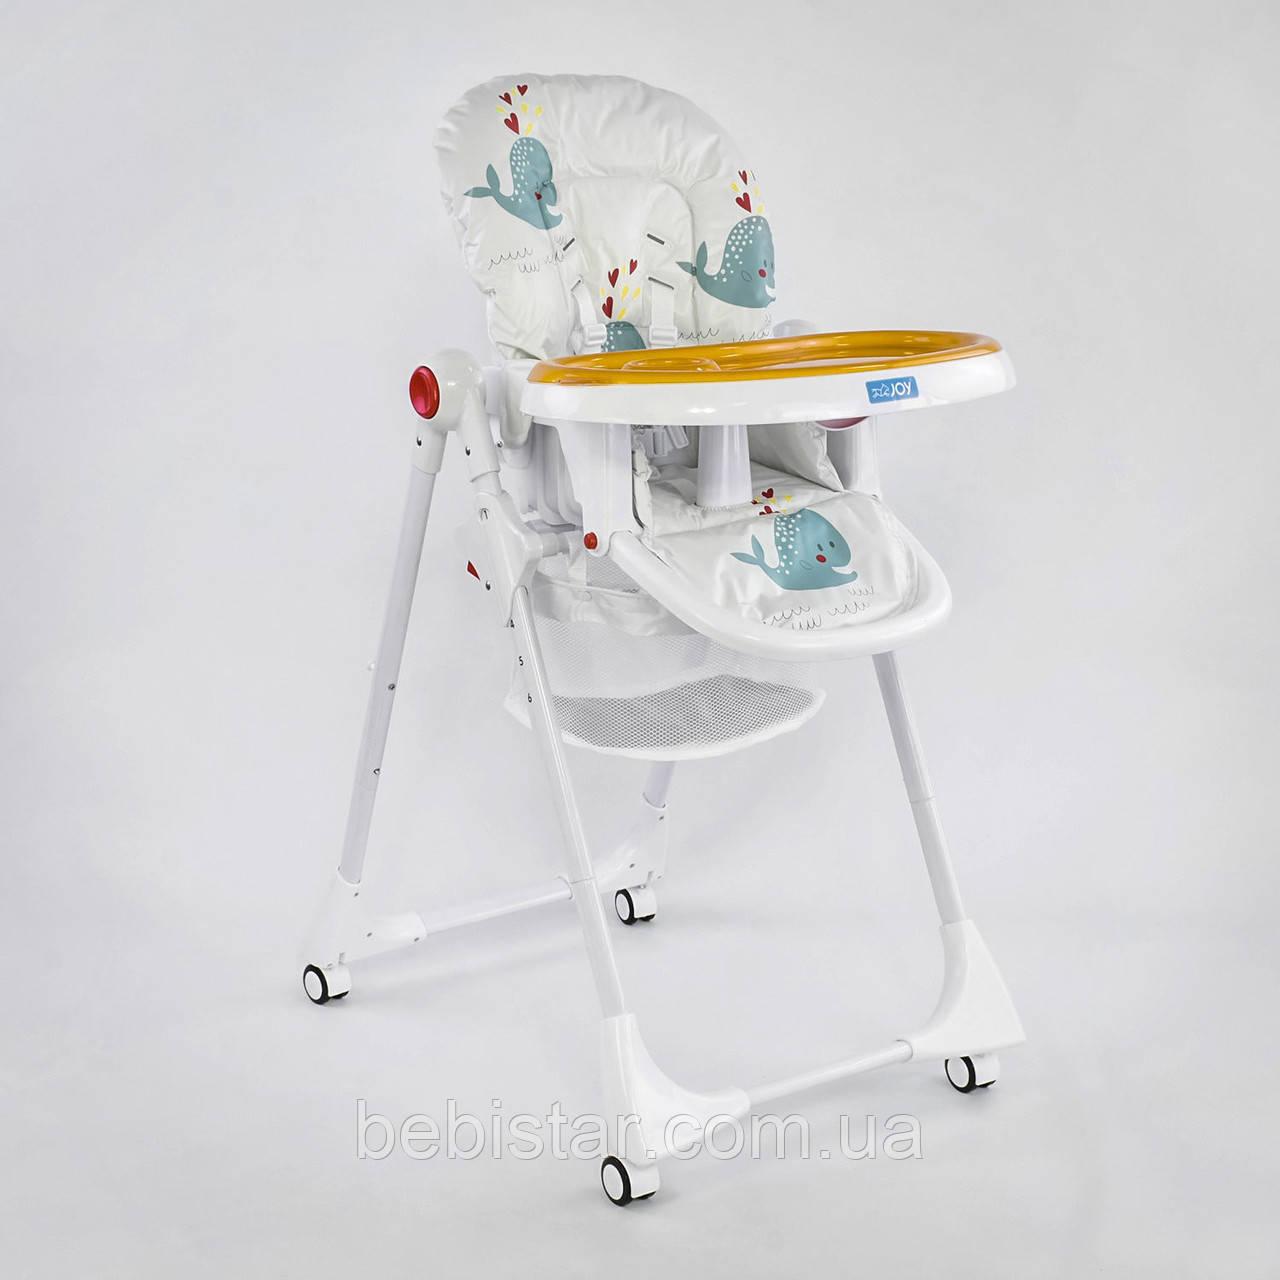 Детский стульчик для кормления JOY Рыбки цвет белый